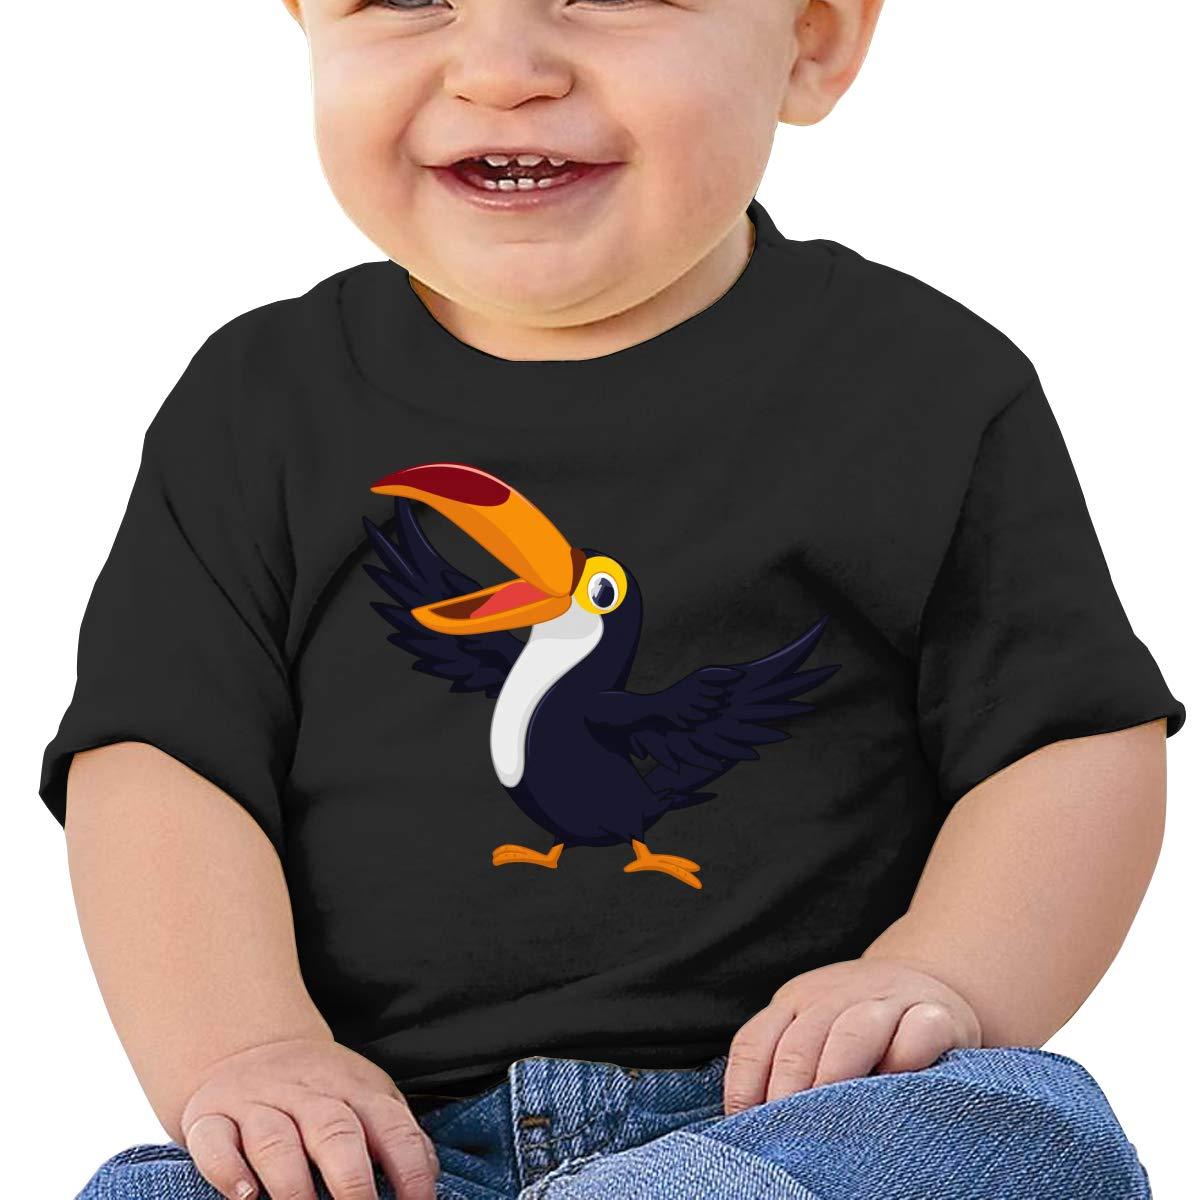 Parrot Cartoon Baby Baby Boy Newborn Short Sleeve T-Shirt 6-24 Month Soft Tops